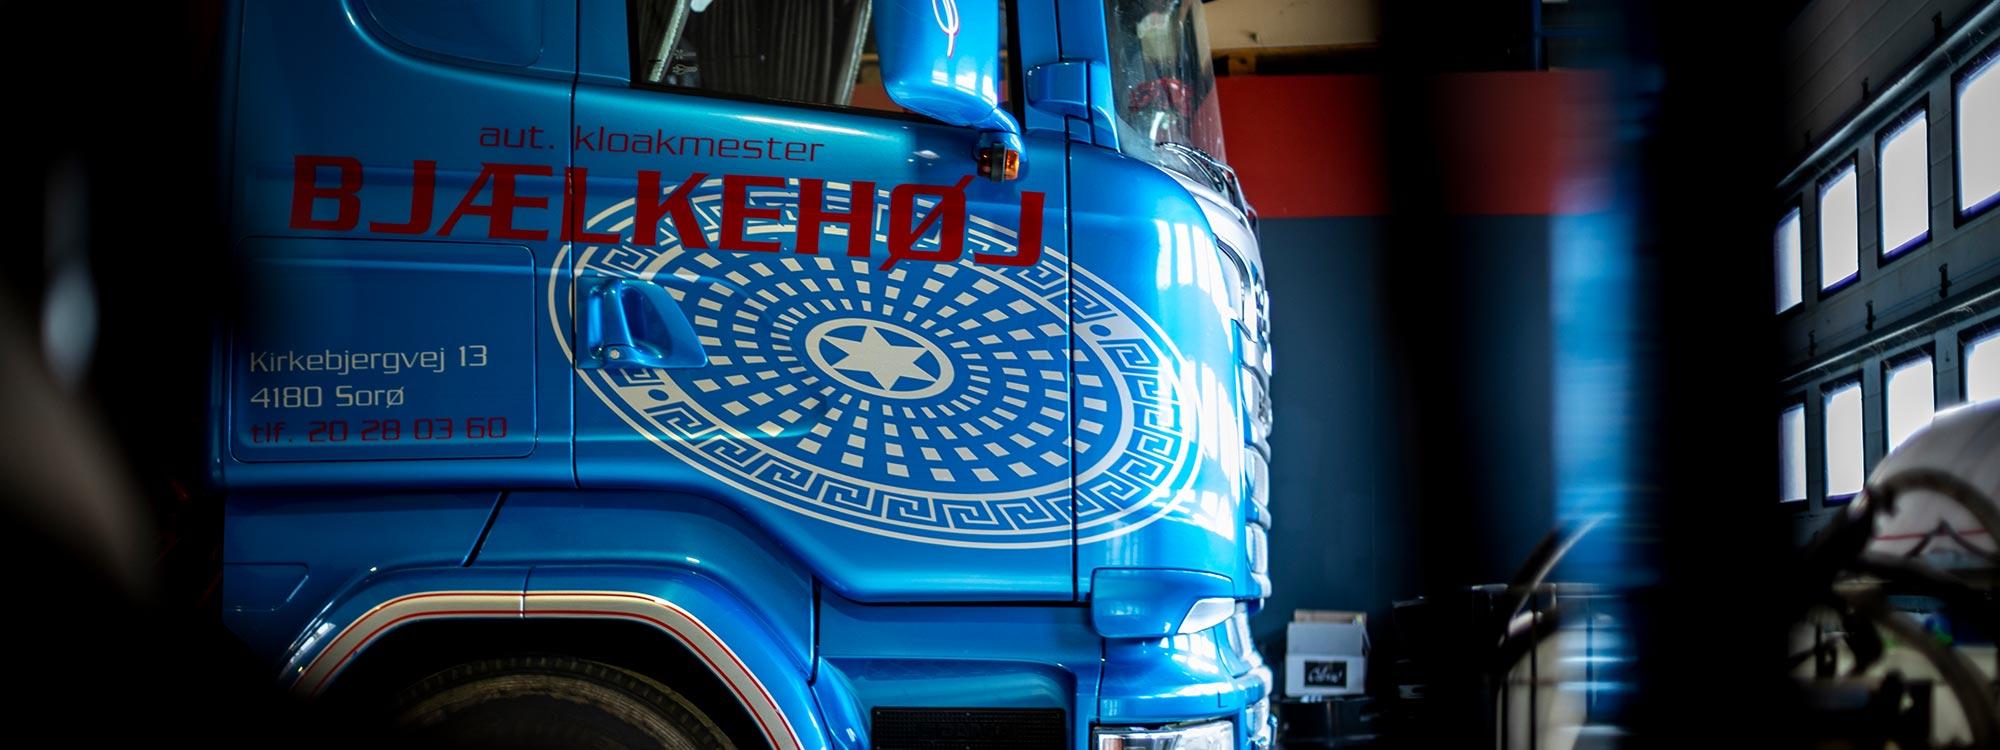 Lastvogn fra Bjælkehøj Entreprenøren